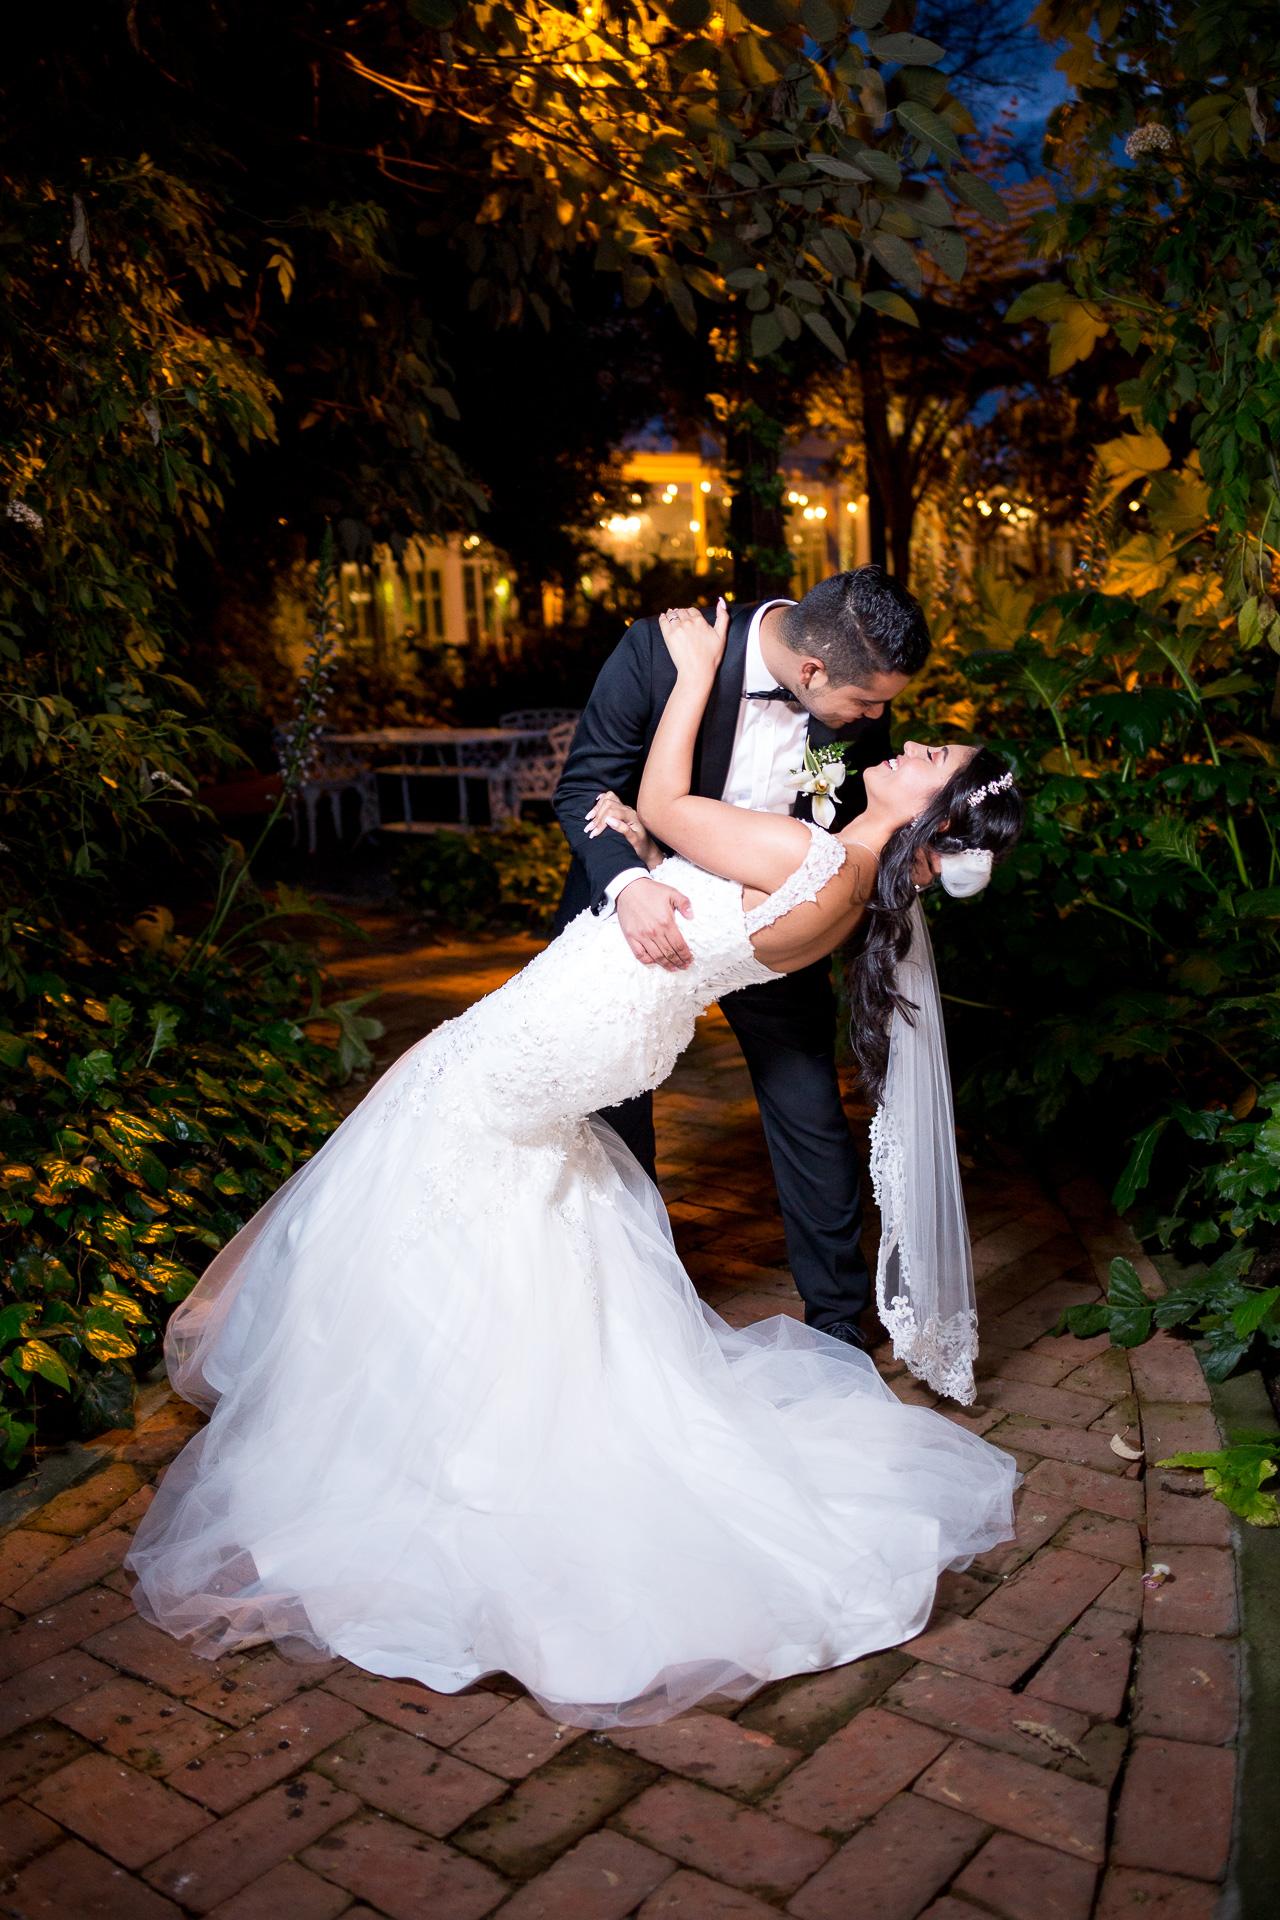 Fotógrafos-de-bodas-en-Colombia-Alejandro-y-Angelica-38 ALEJANDRO + ANGELICA